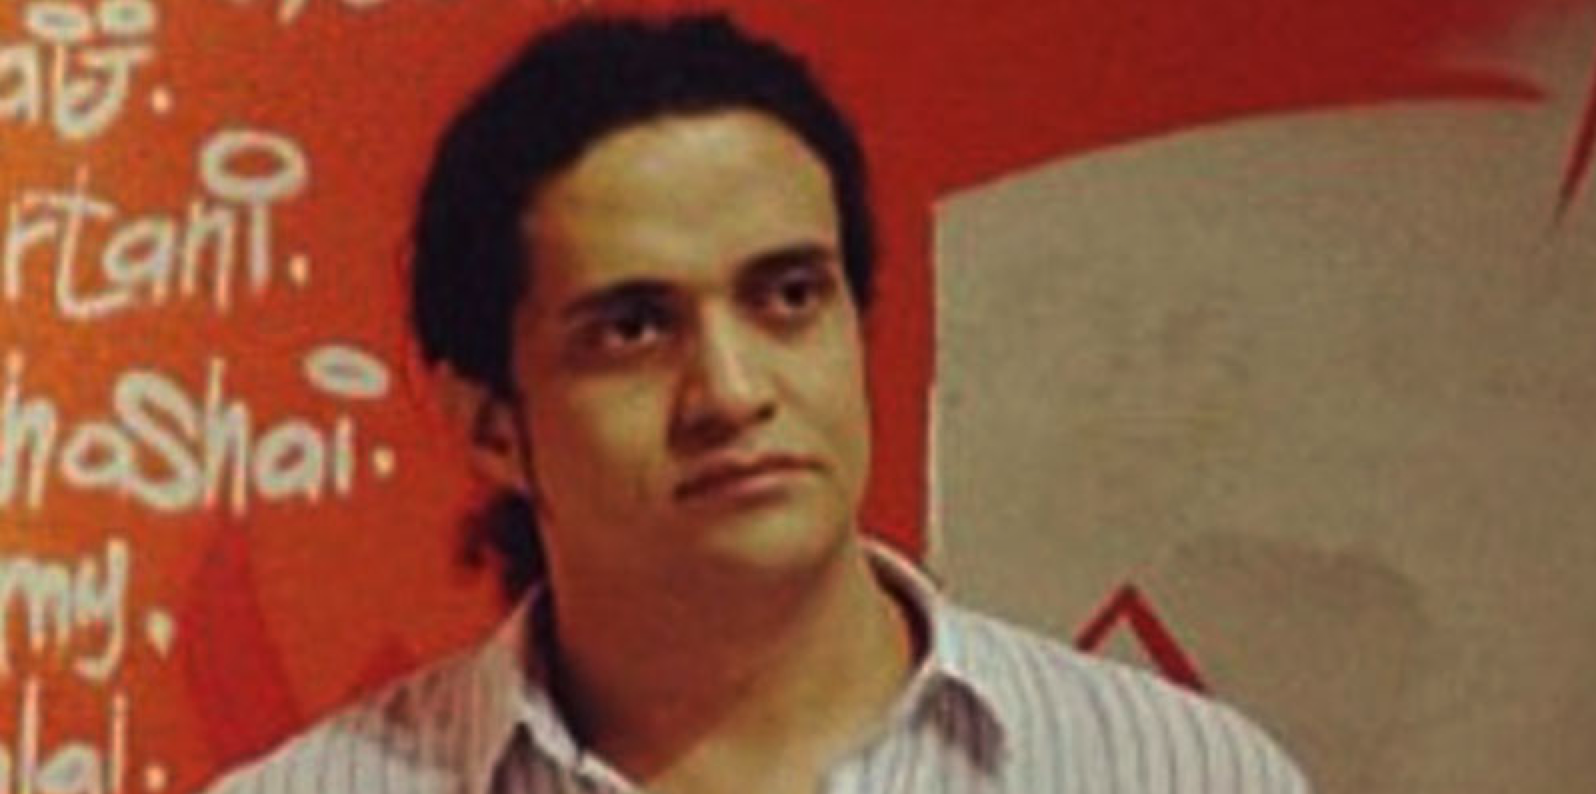 Ashraf Fayadh